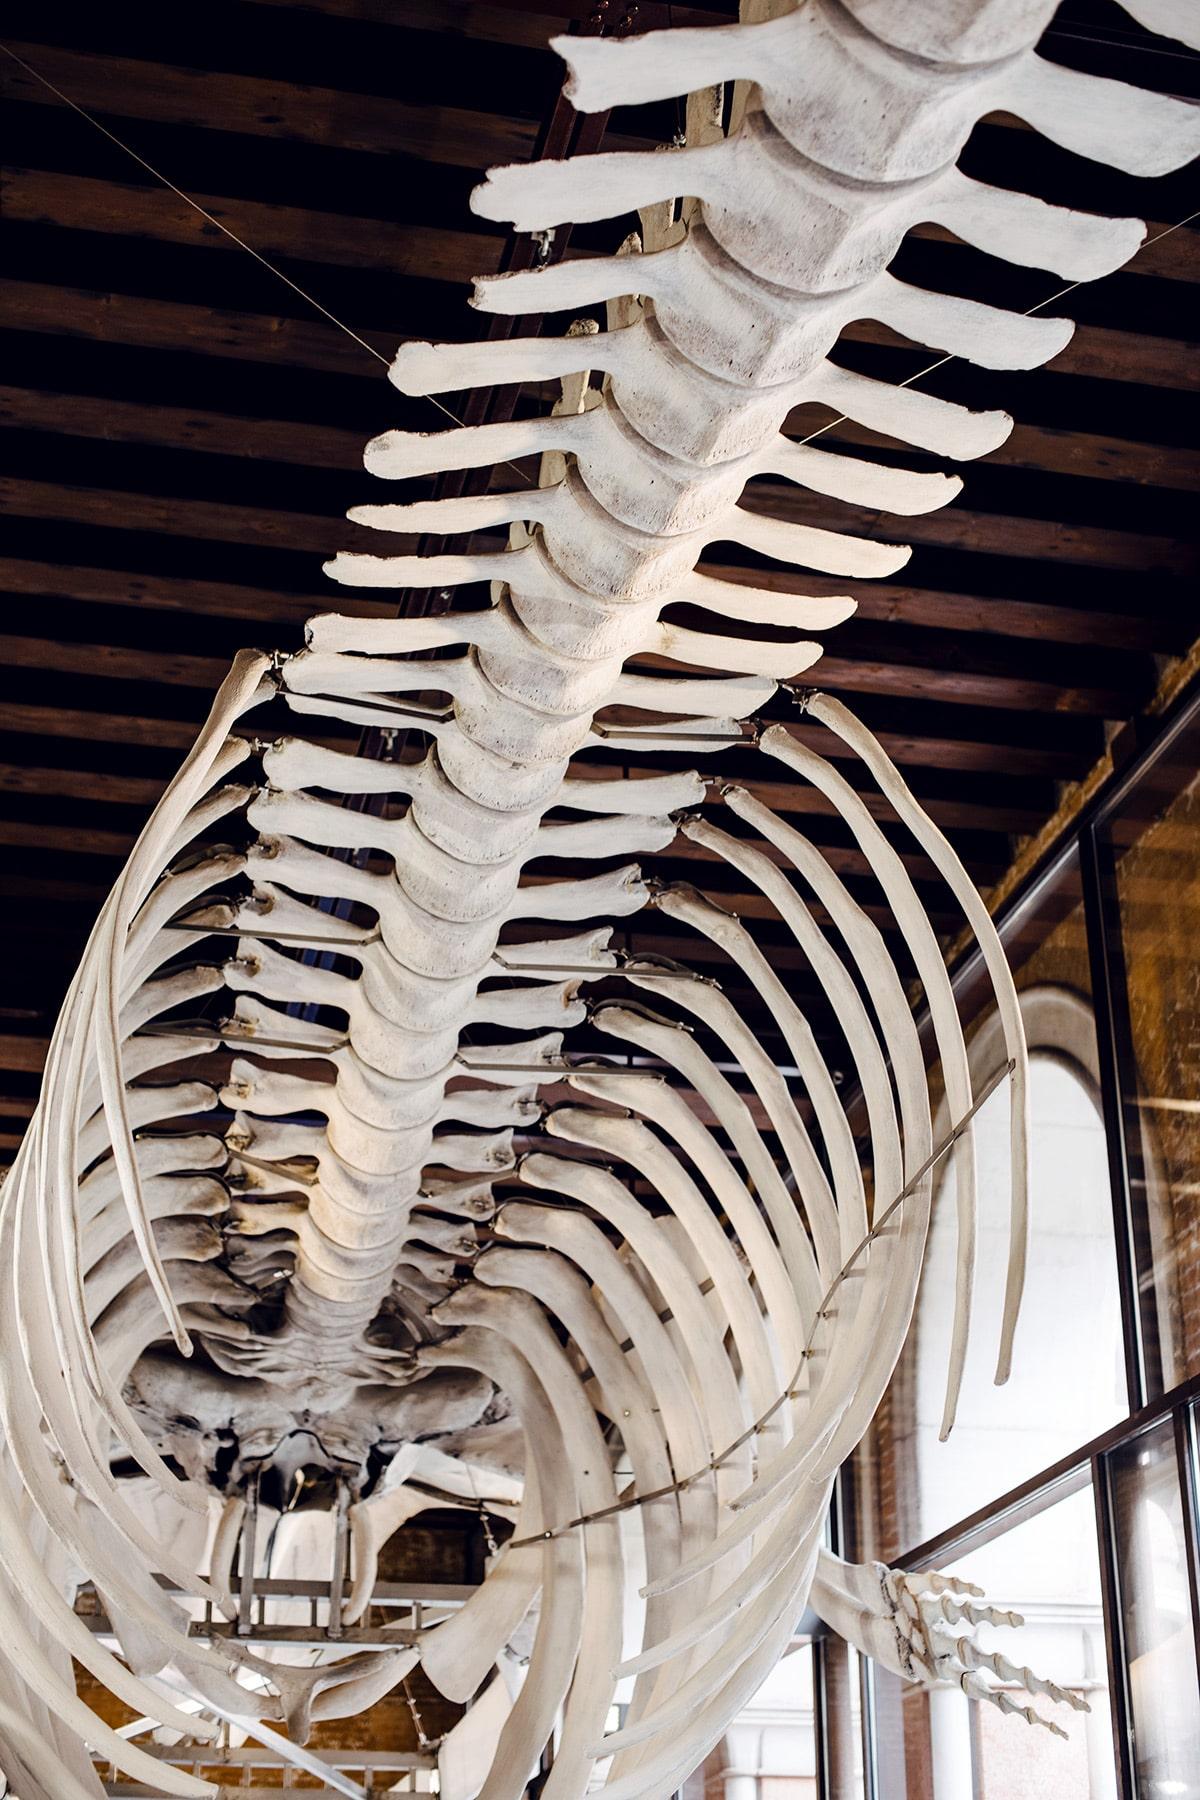 Squelette de baleine exposé au musée d'histoire naturelle de Venise